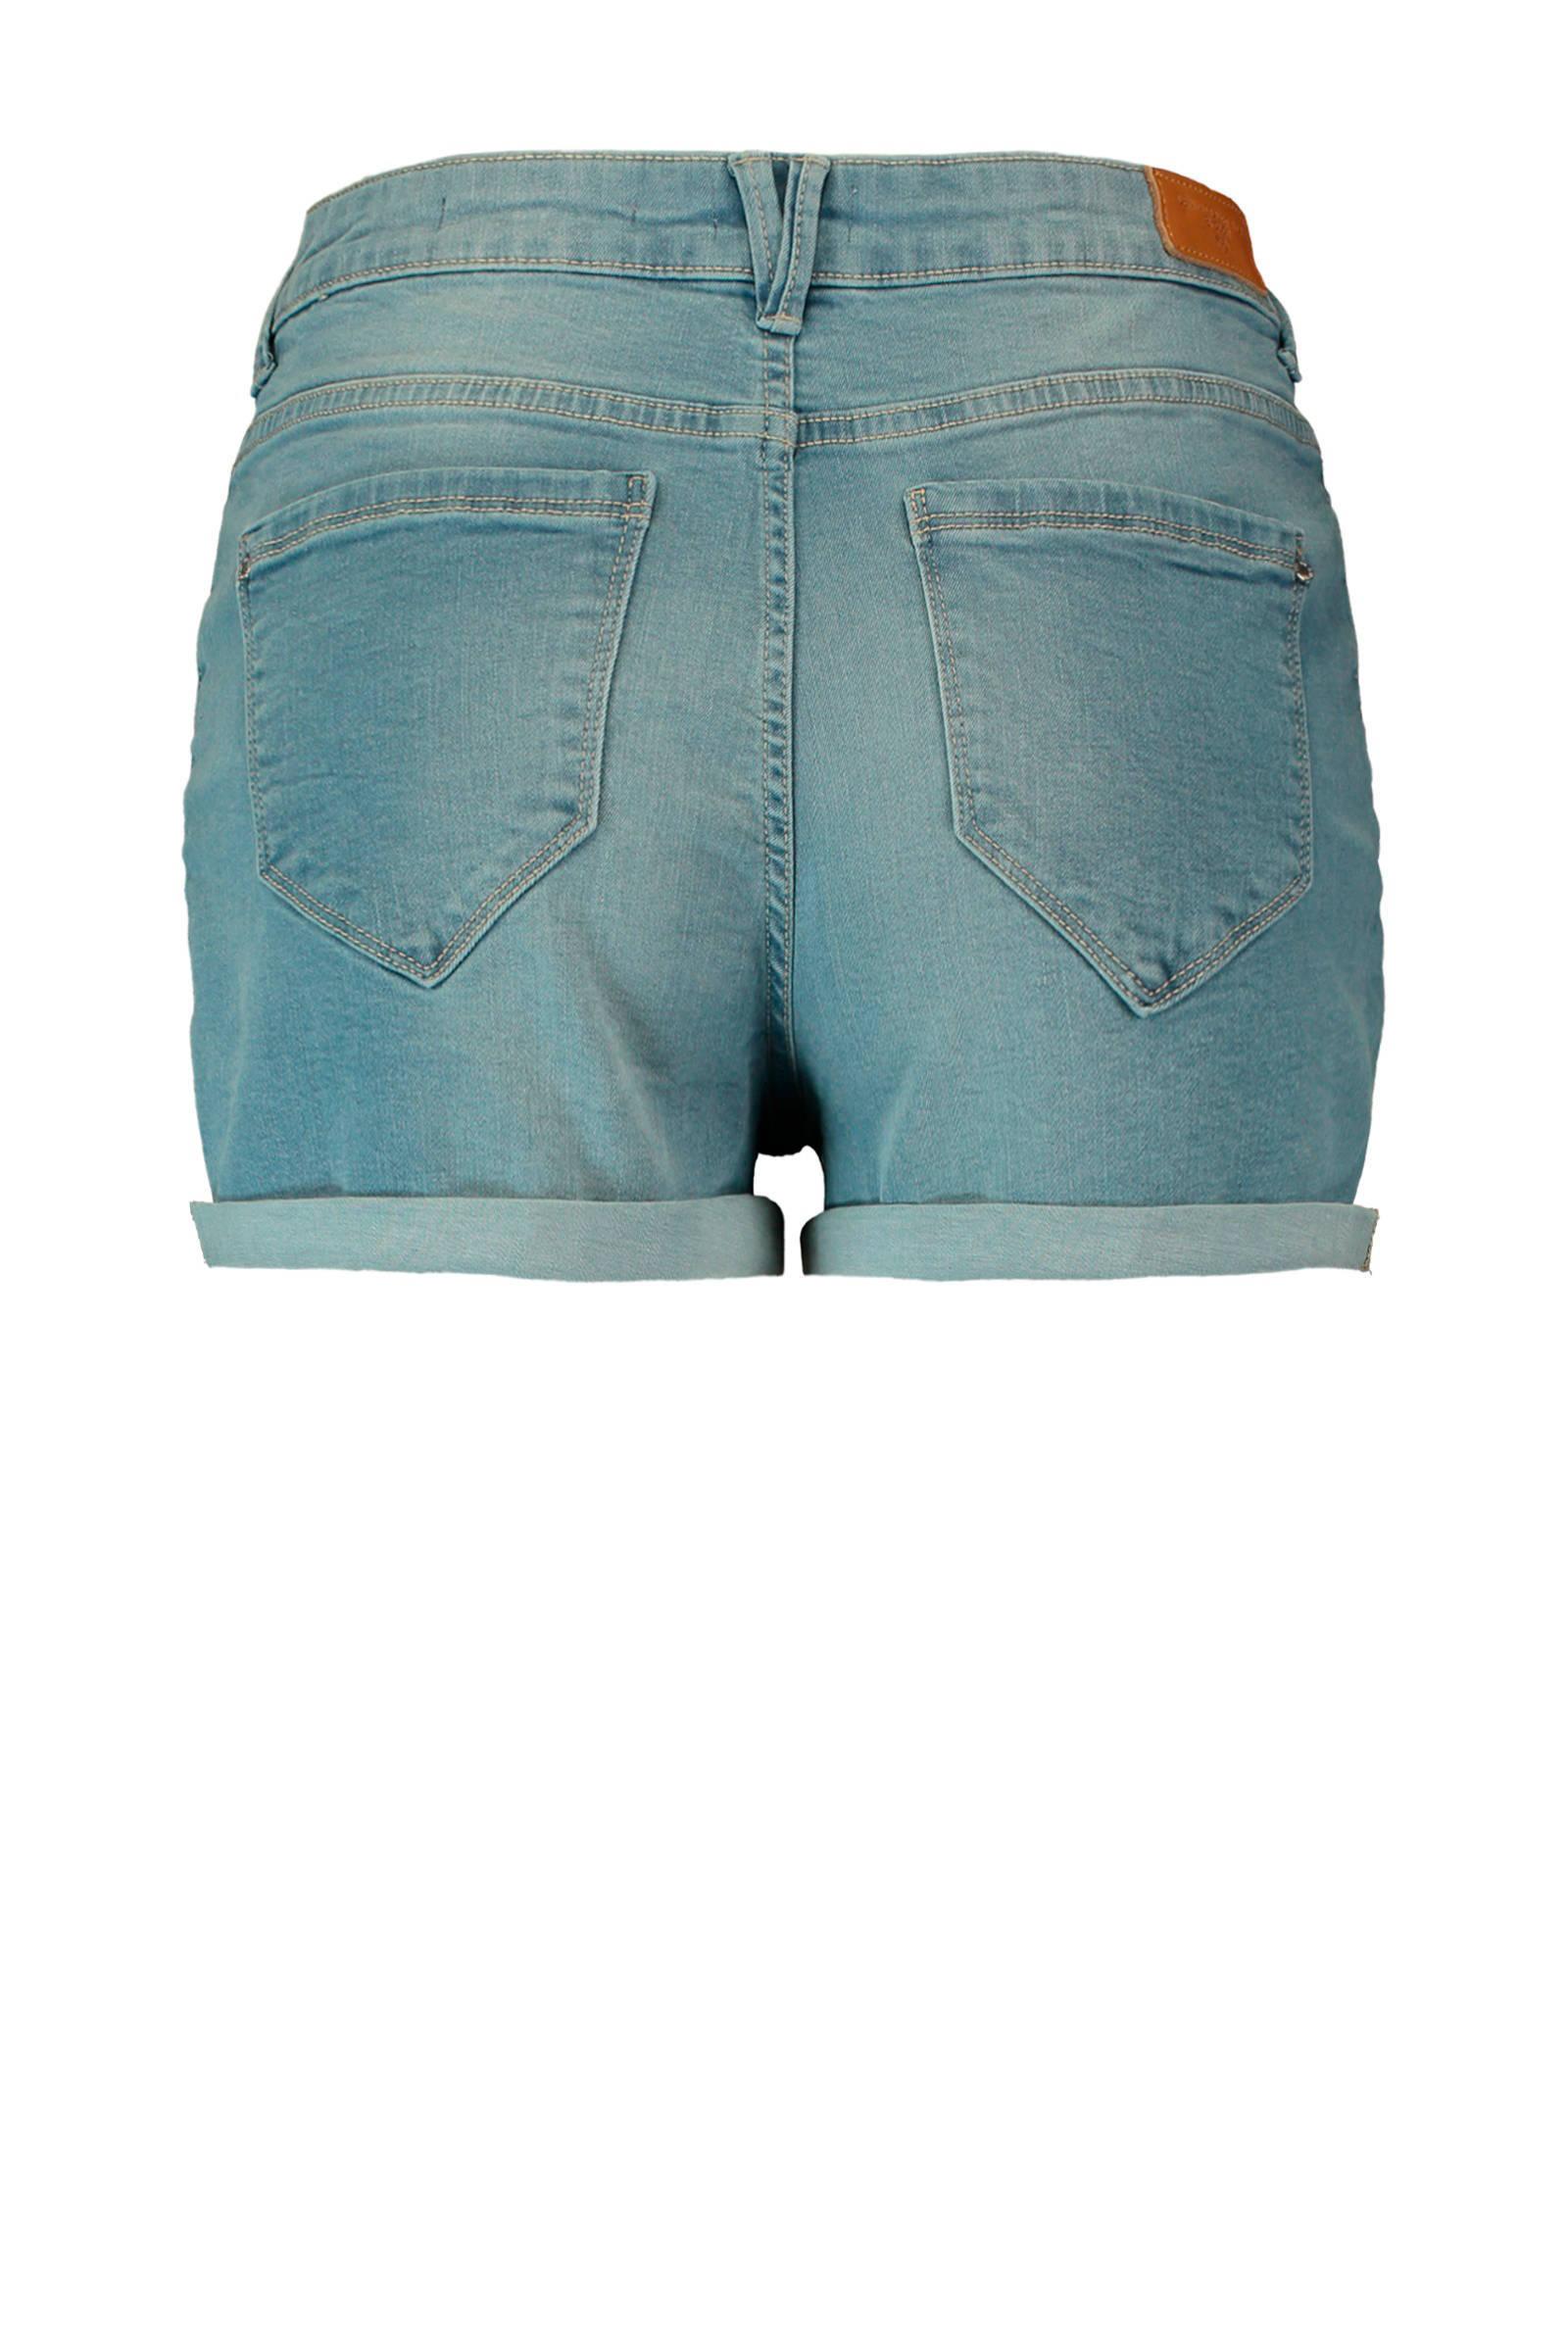 jeans CoolCat short CoolCat jeans jeans CoolCat short short BPxTwnCRHq